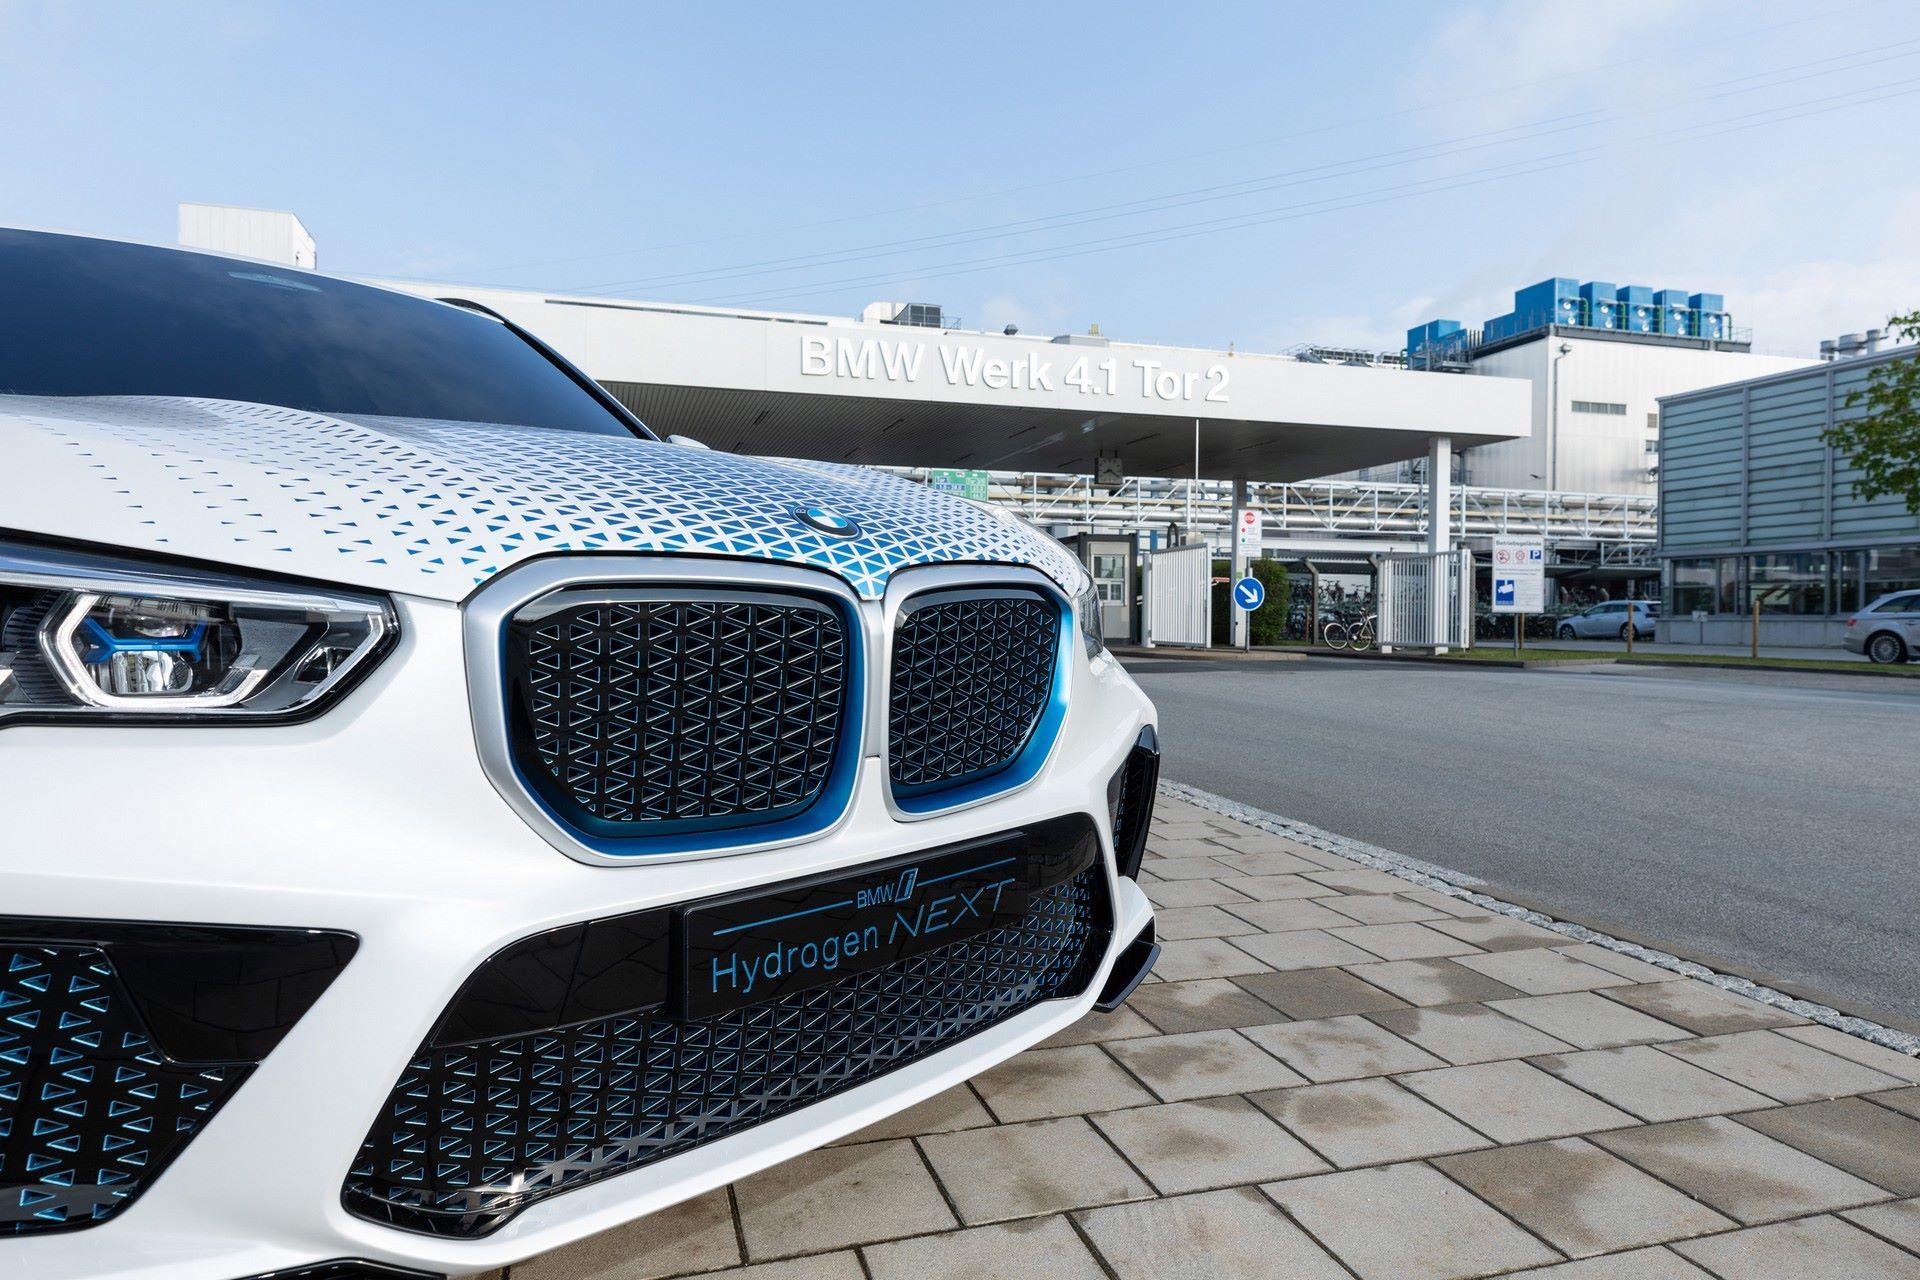 BMW-i-Next-Hydrogen-Concept-6